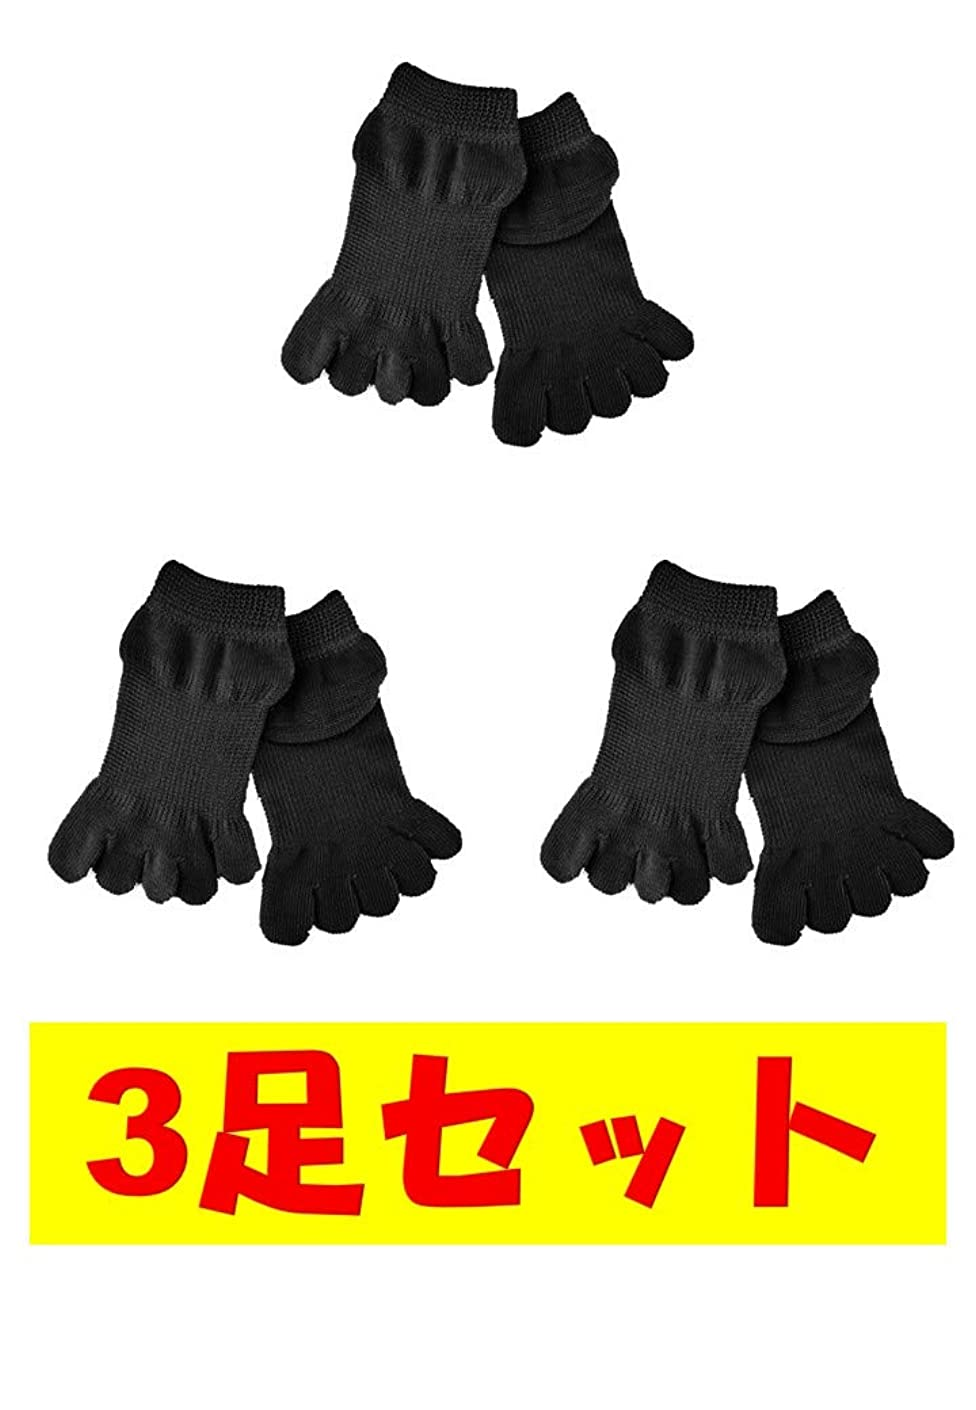 ステレオタイプ計画的持参お買い得3足セット 5本指 ゆびのばソックス ゆびのば アンクル ブラック Sサイズ 21.0cm-24.0cm YSANKL-BLK